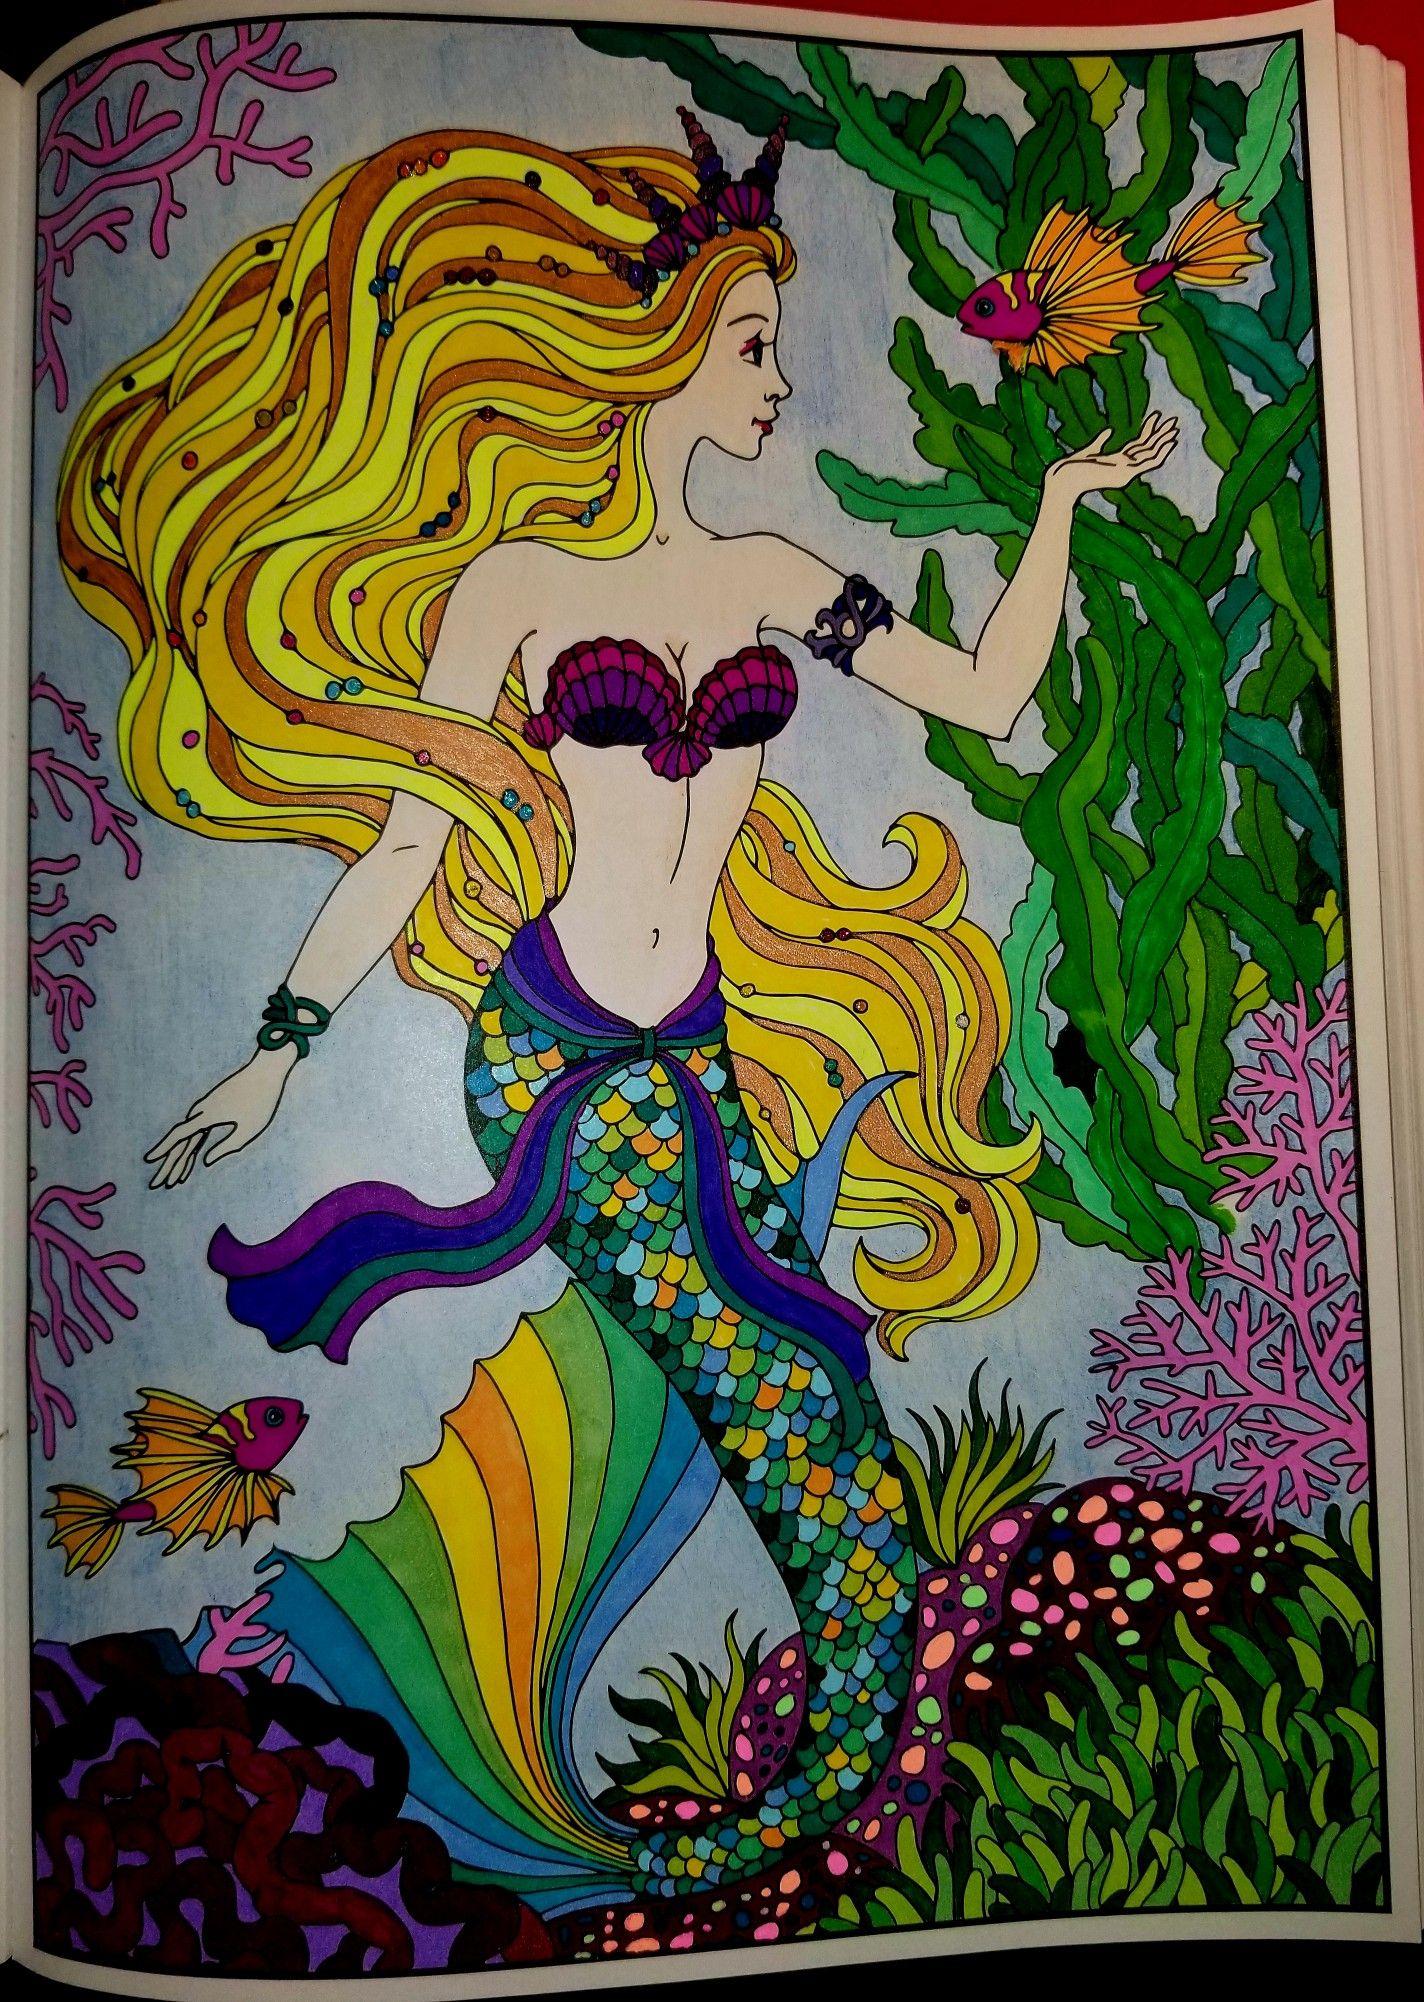 Magical Mermaids Coloring Book Art Mermaid Coloring Book Mermaid Coloring